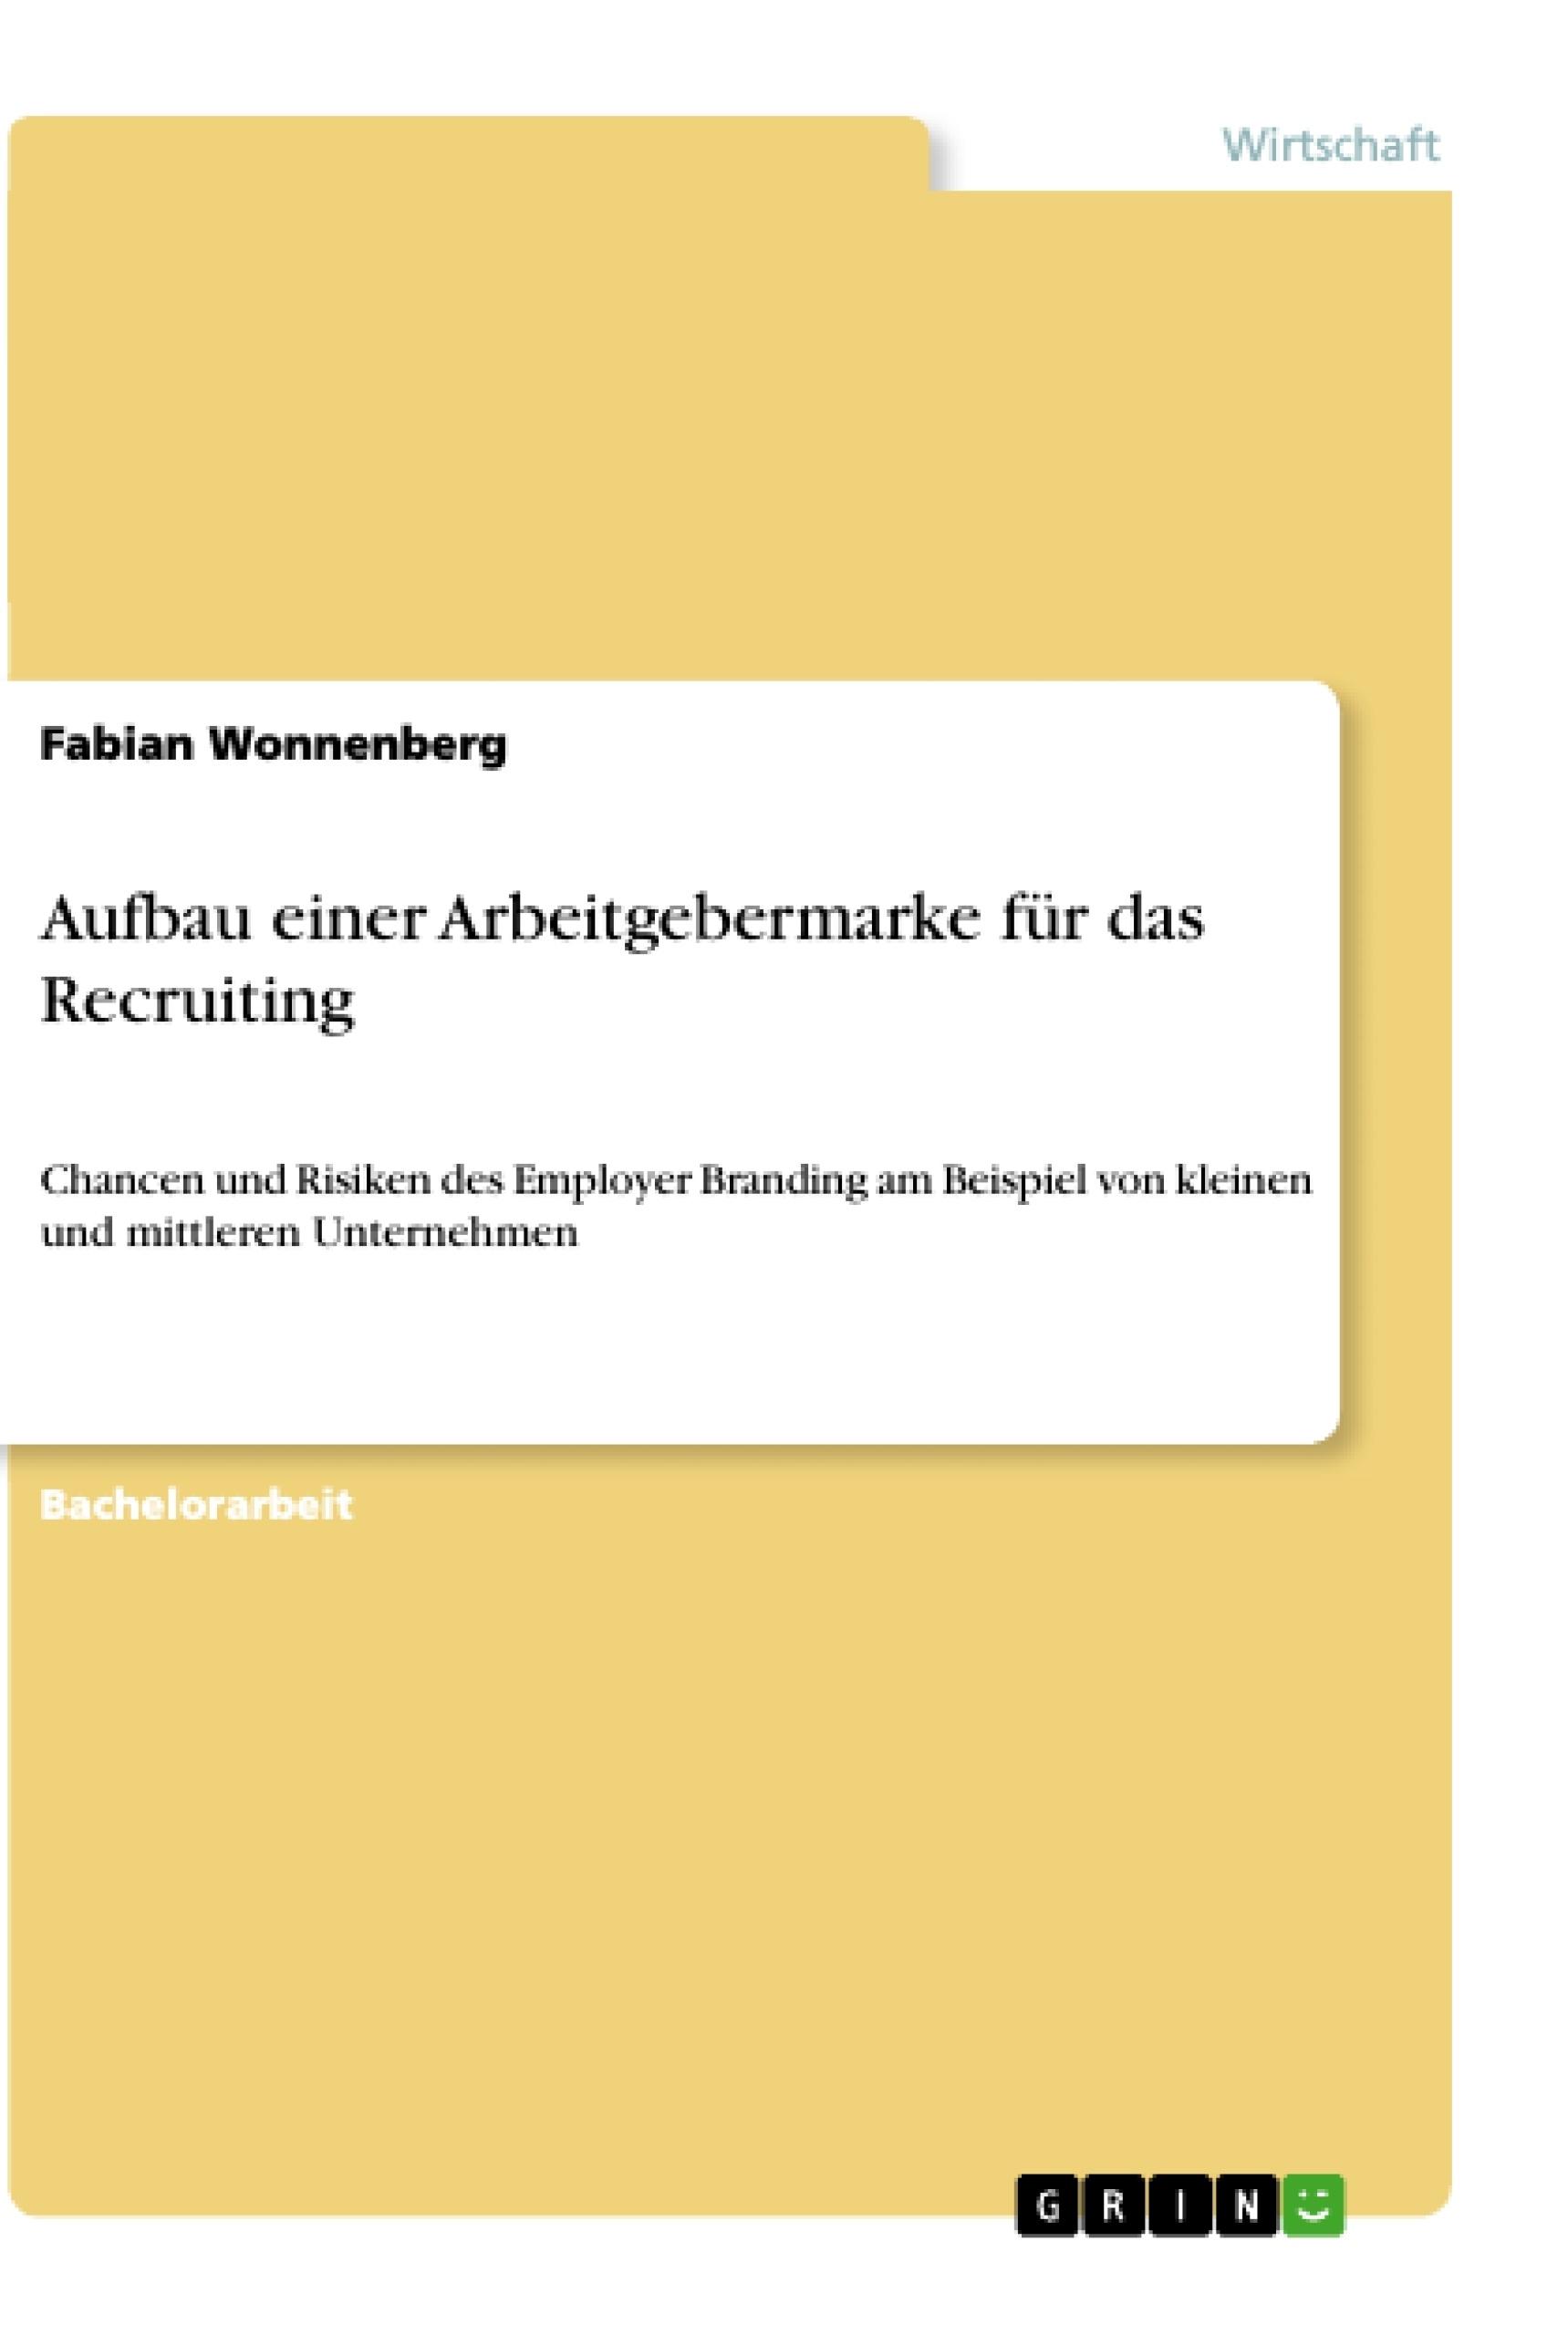 Titel: Aufbau einer Arbeitgebermarke für das Recruiting